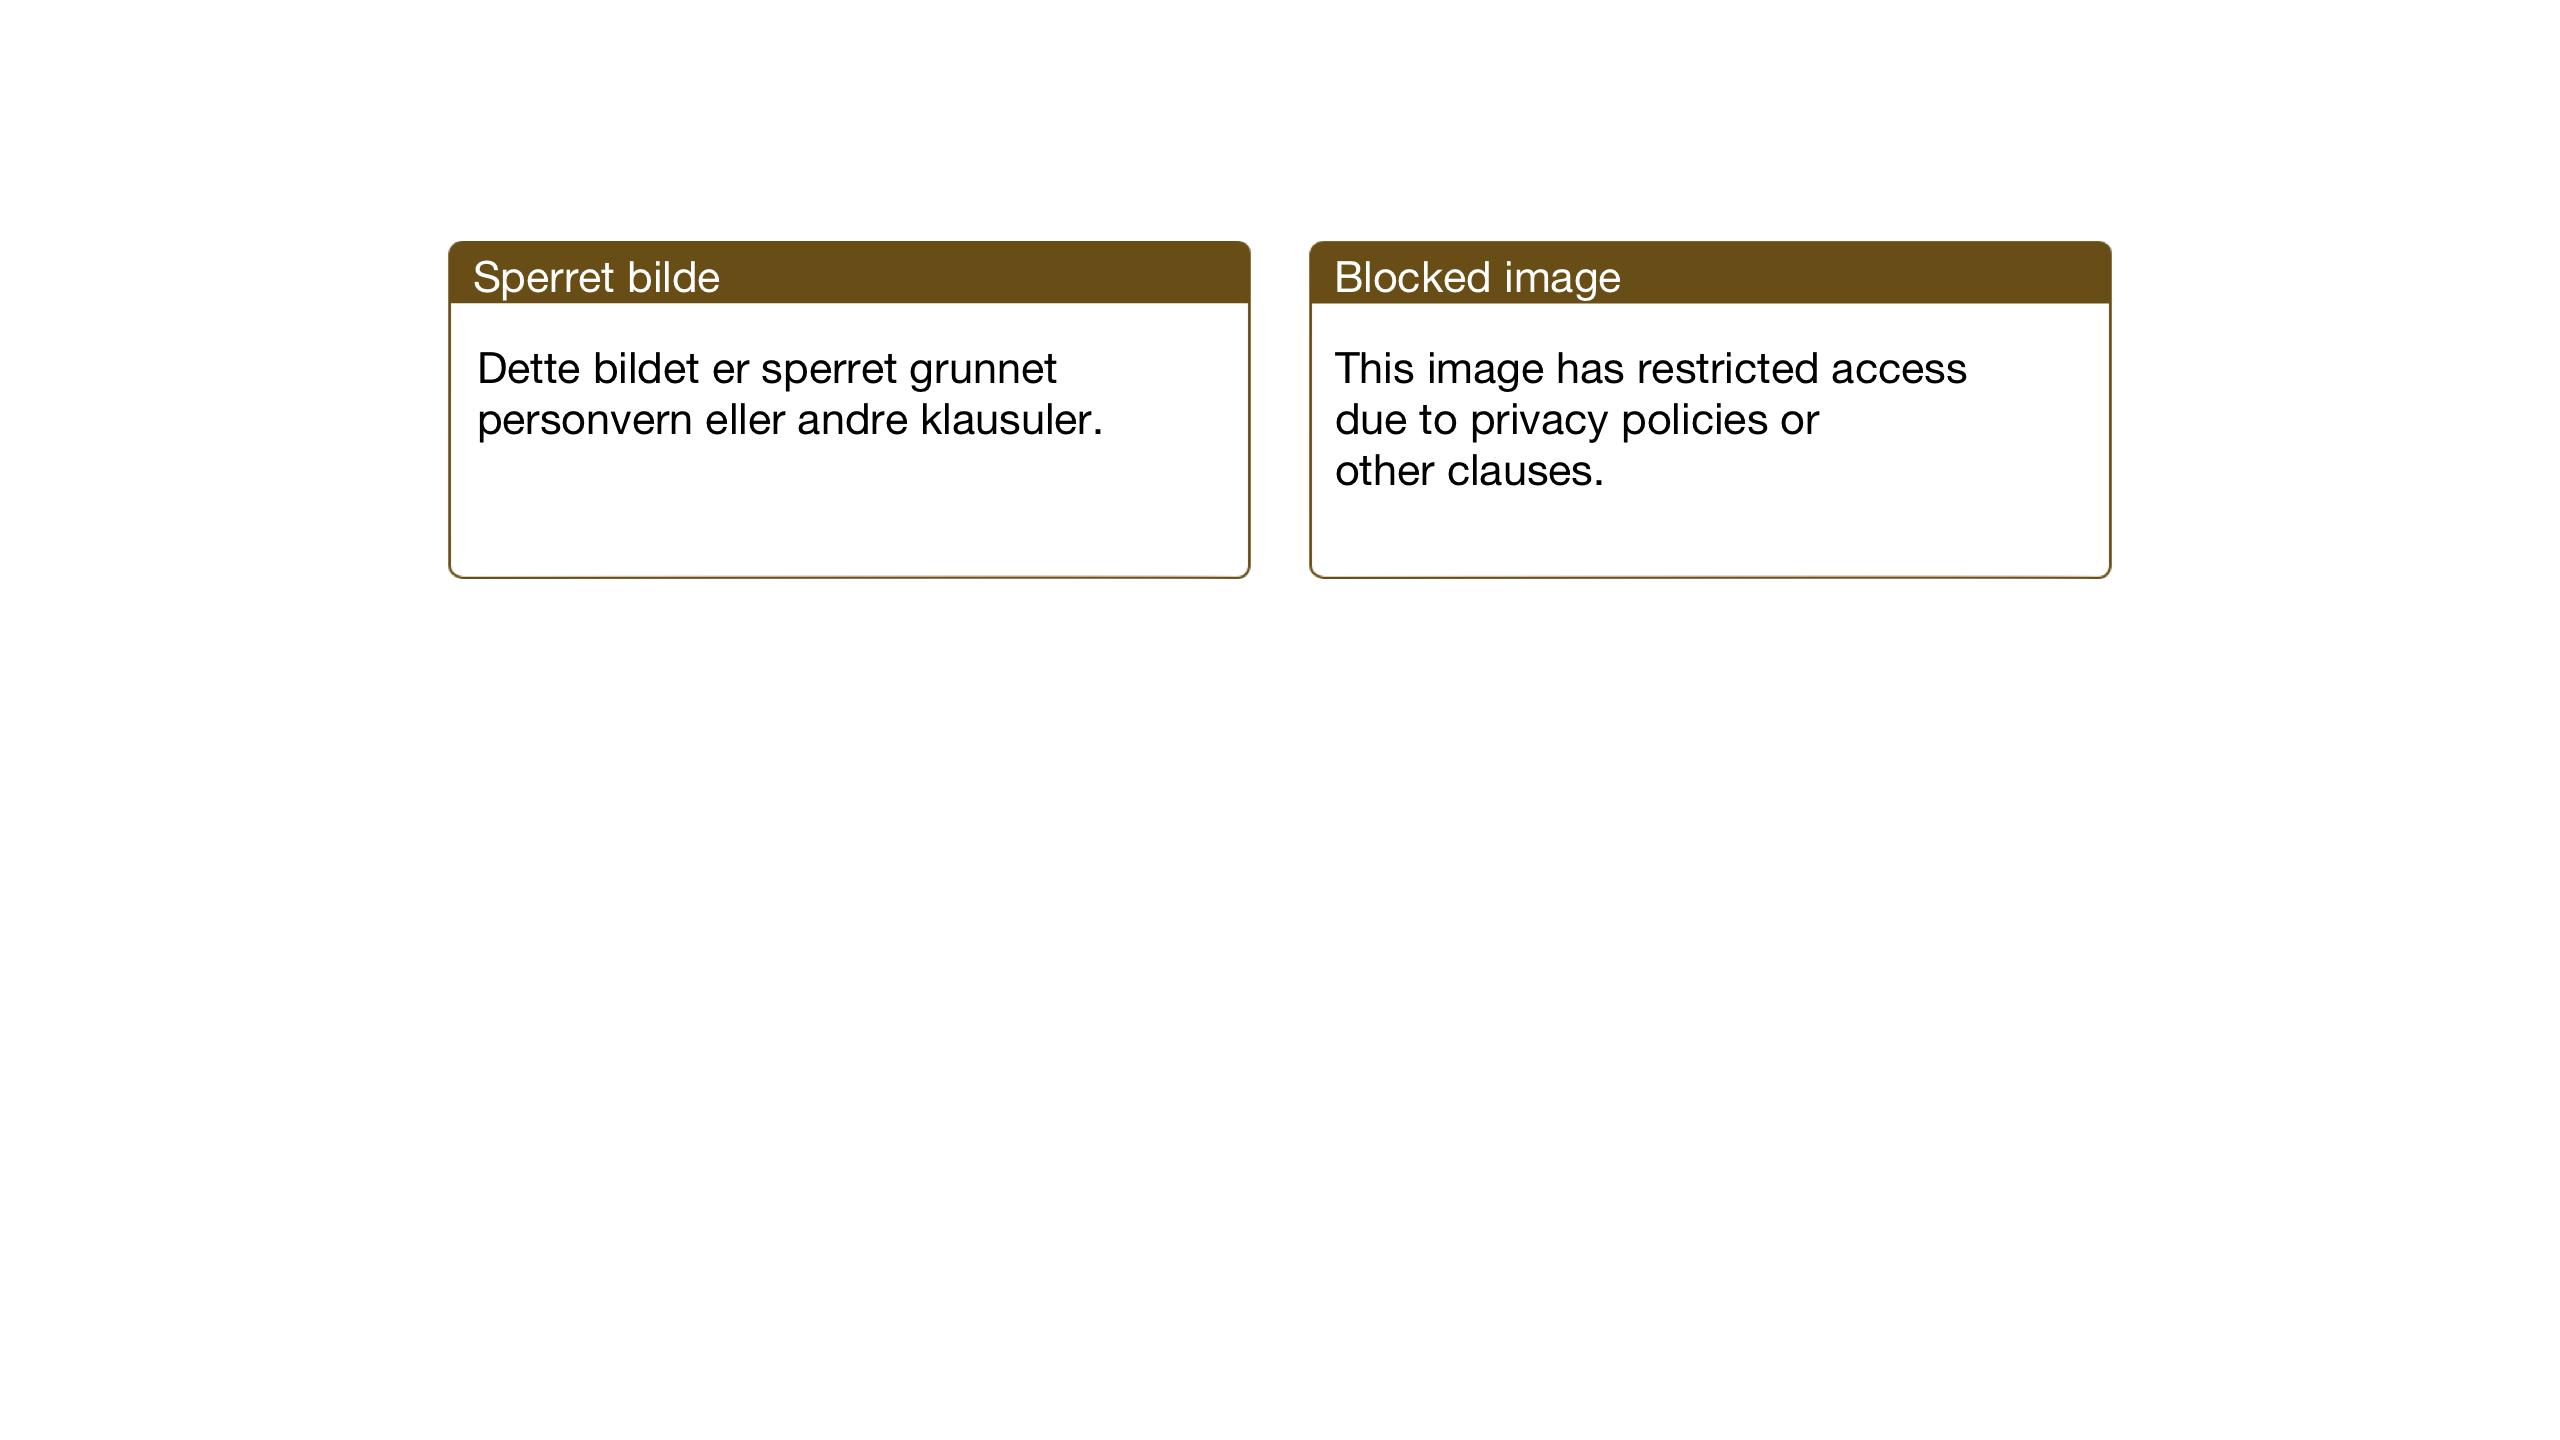 SAT, Ministerialprotokoller, klokkerbøker og fødselsregistre - Nord-Trøndelag, 713/L0125: Klokkerbok nr. 713C02, 1931-1941, s. 57